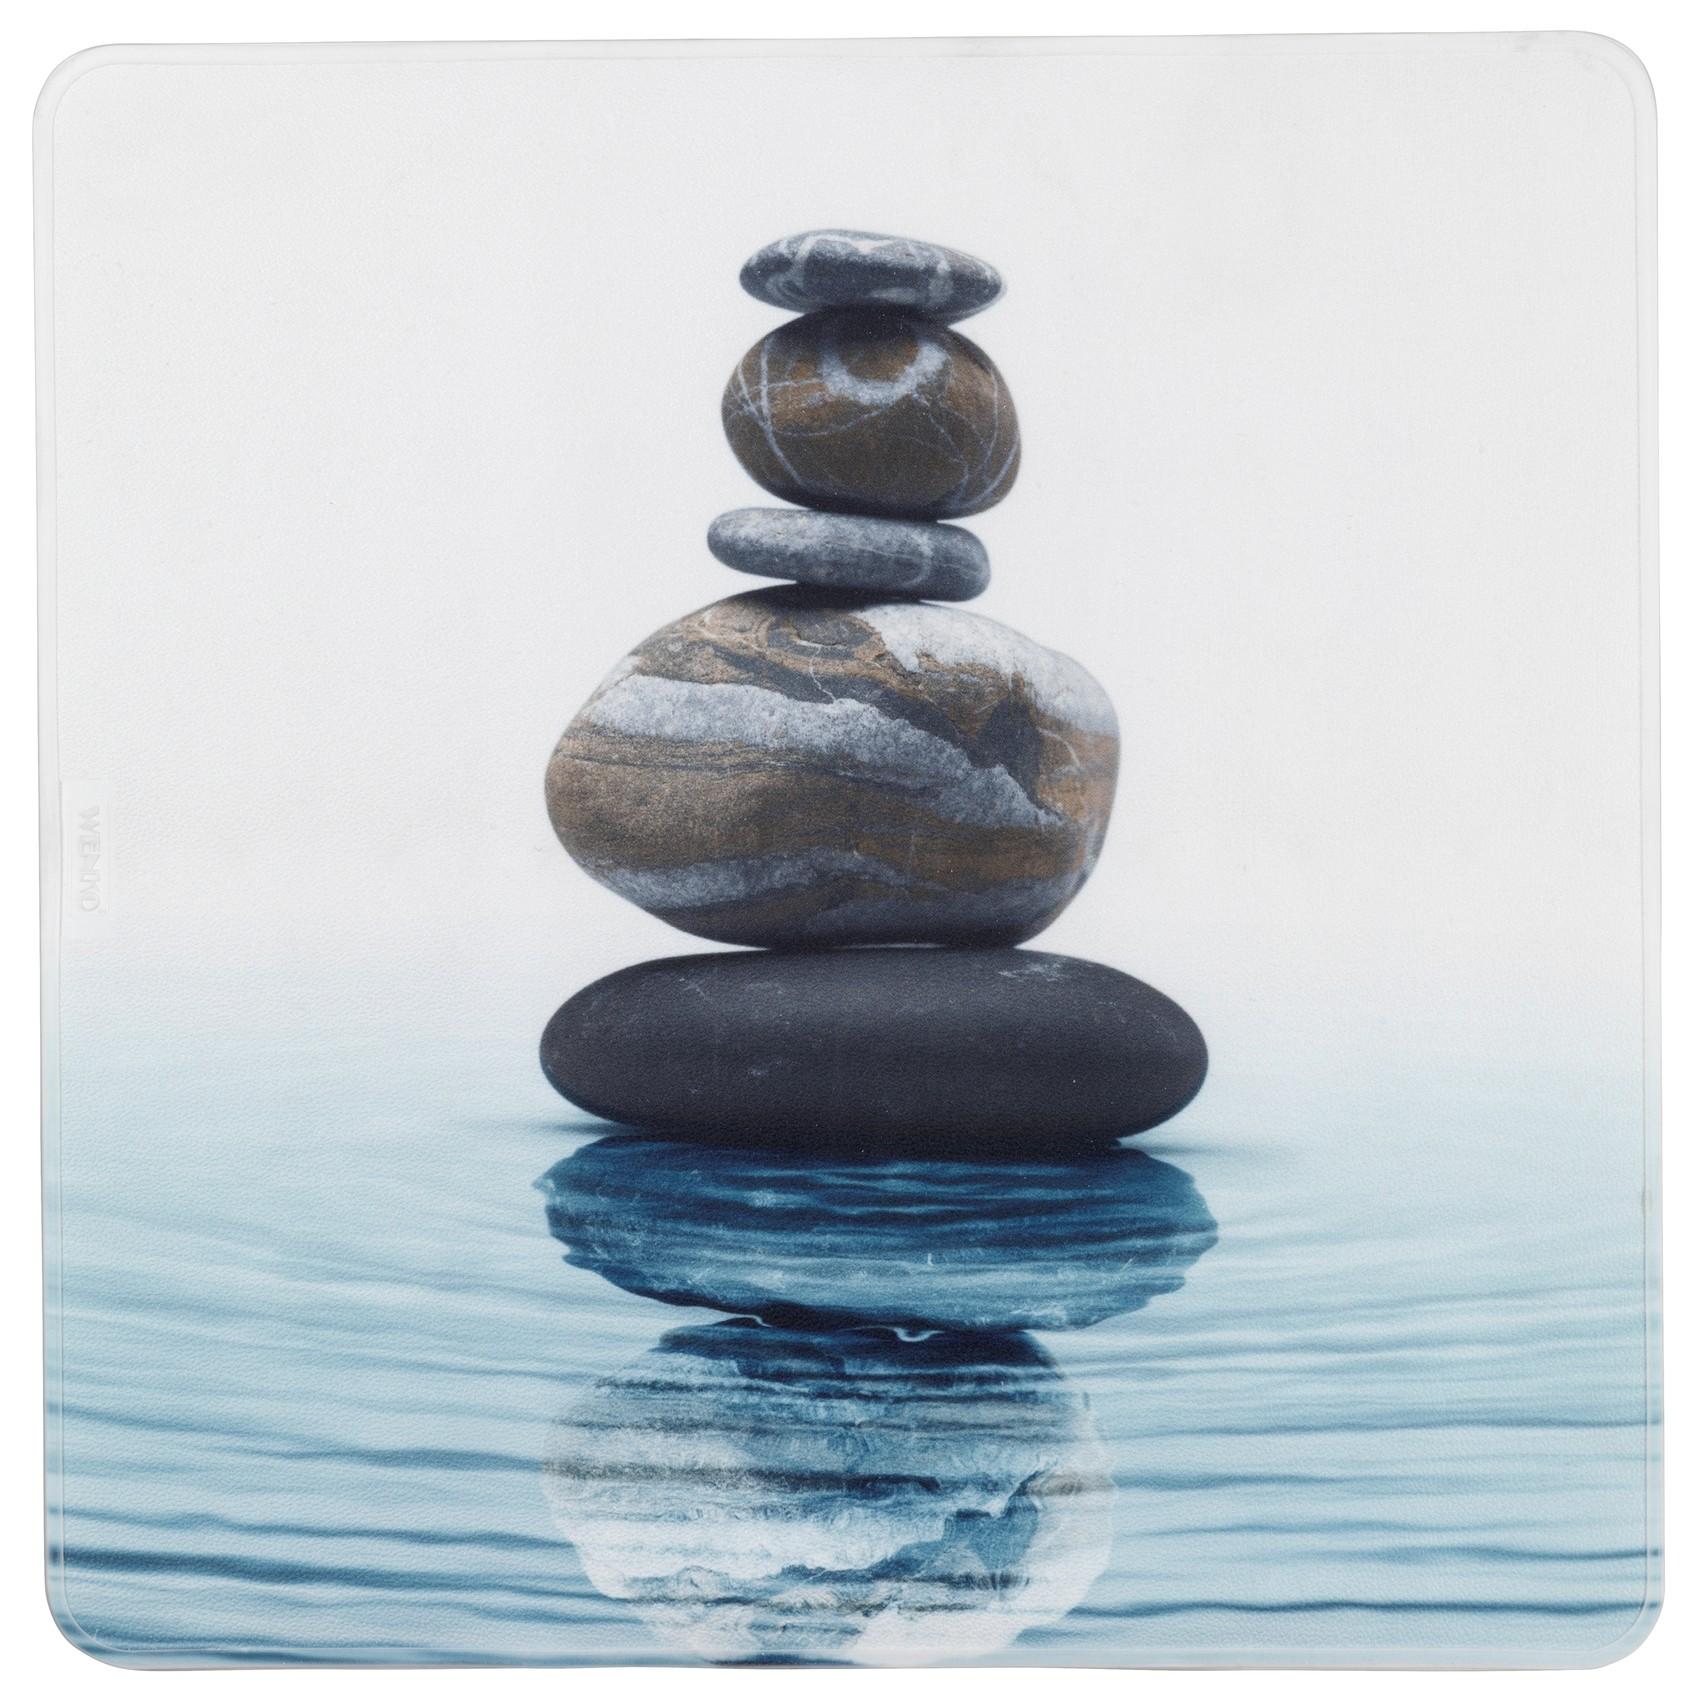 Wenko Duscheinlage Meditation 54x54 cm, 54 x 54 cm